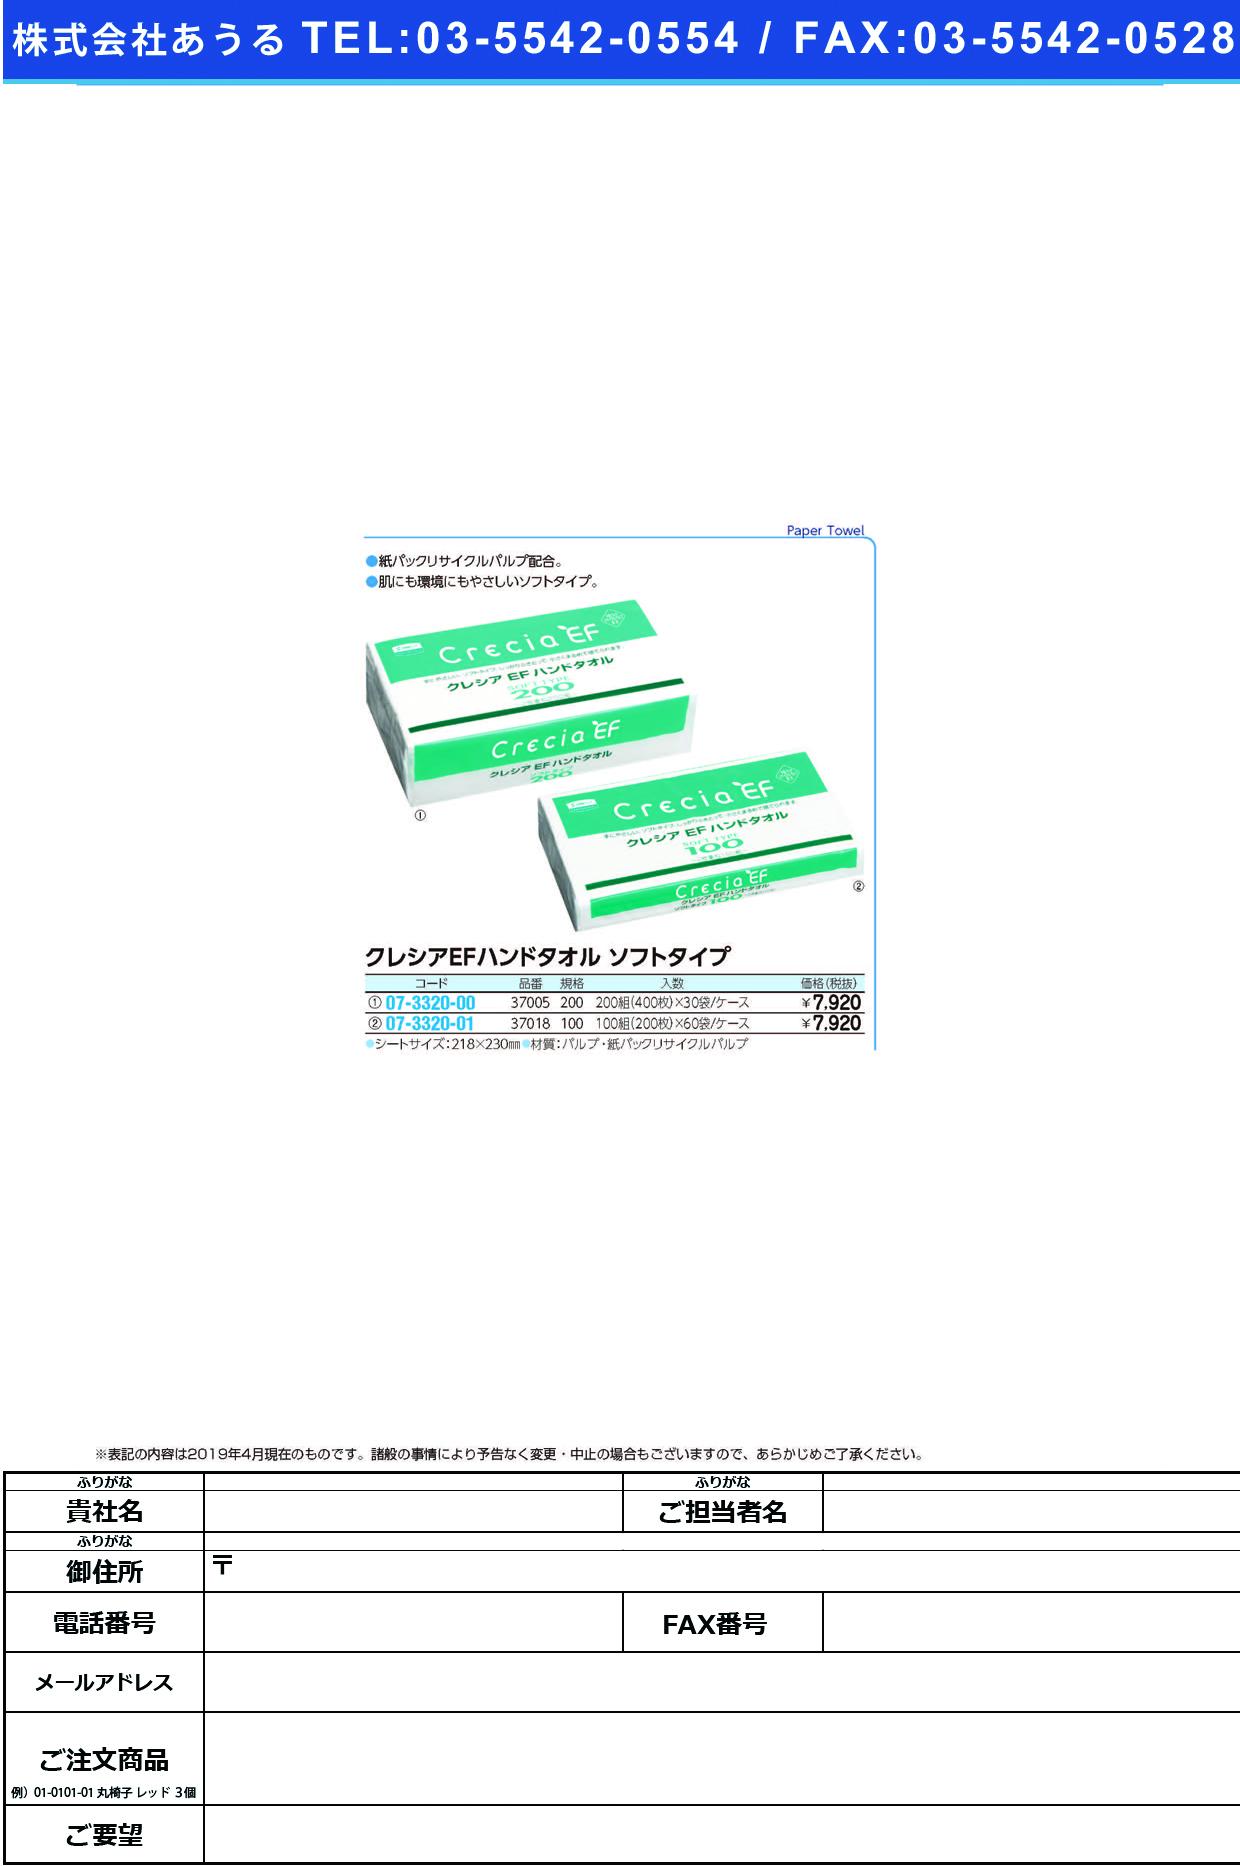 (07-3320-00)ハンドタオルソフトタイプ200(梱 37005(200マイX30パック) ハンドタオルソフトタイプ200(日本製紙クレシア)【1梱単位】【2019年カタログ商品】